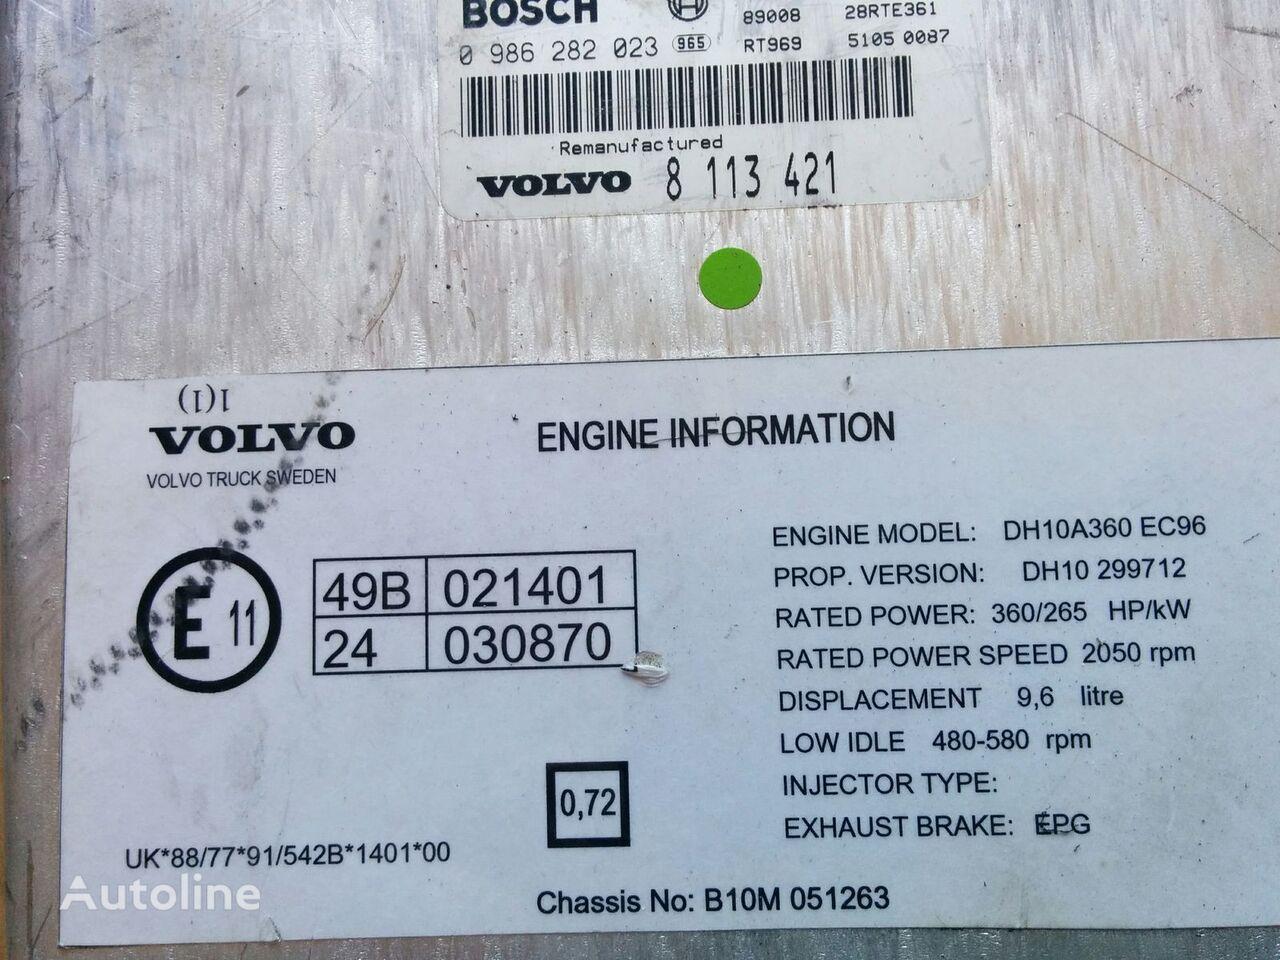 блок управления VOLVO Bosh 0986282023 . /1209/ (VDO 412.413\1\5) для автобуса VOLVO B10